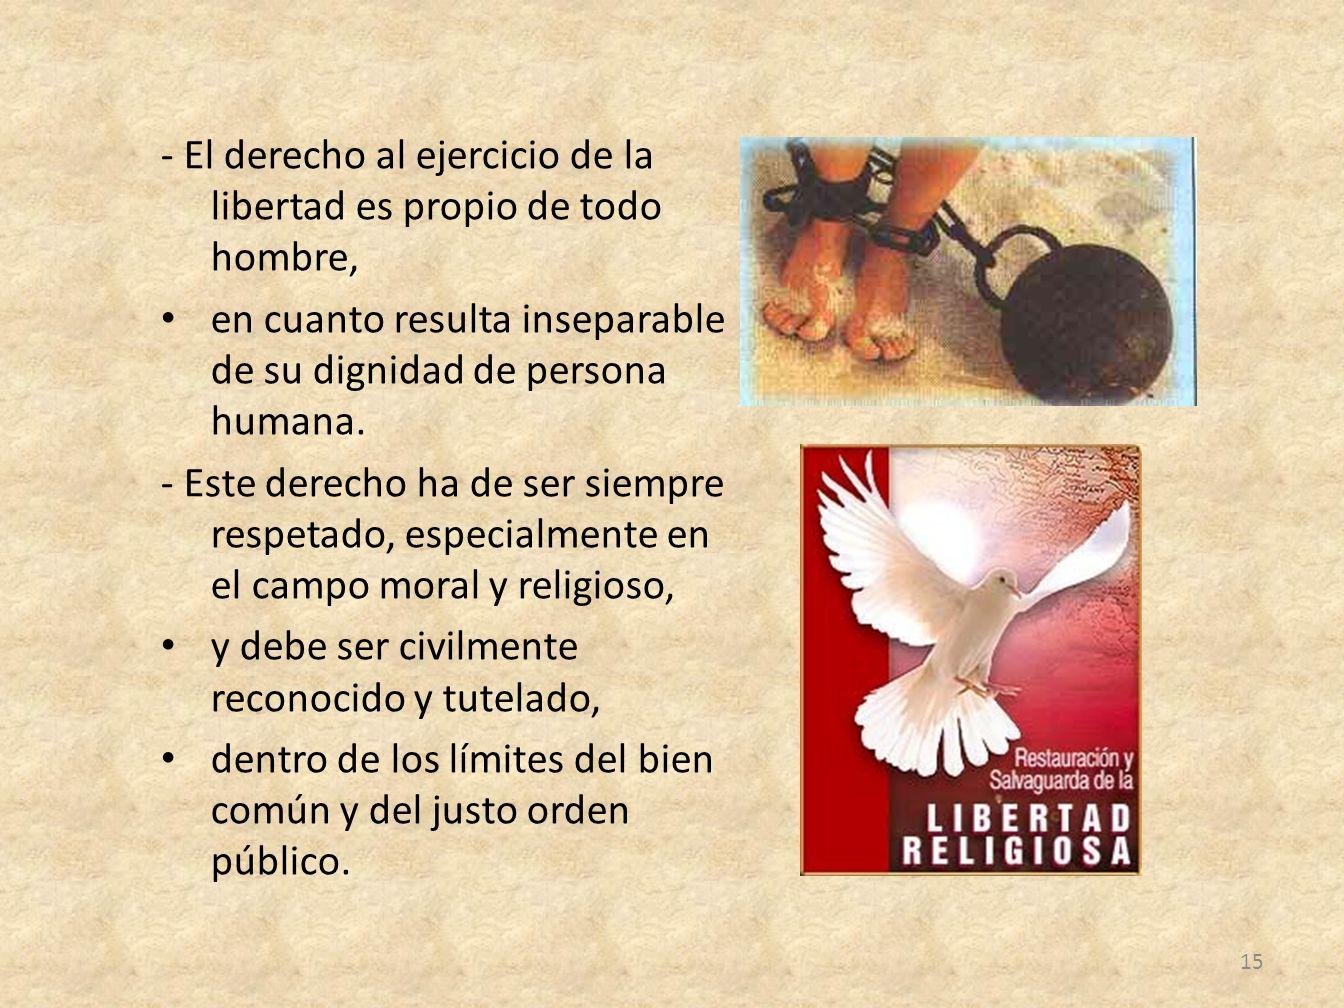 - El derecho al ejercicio de la libertad es propio de todo hombre,